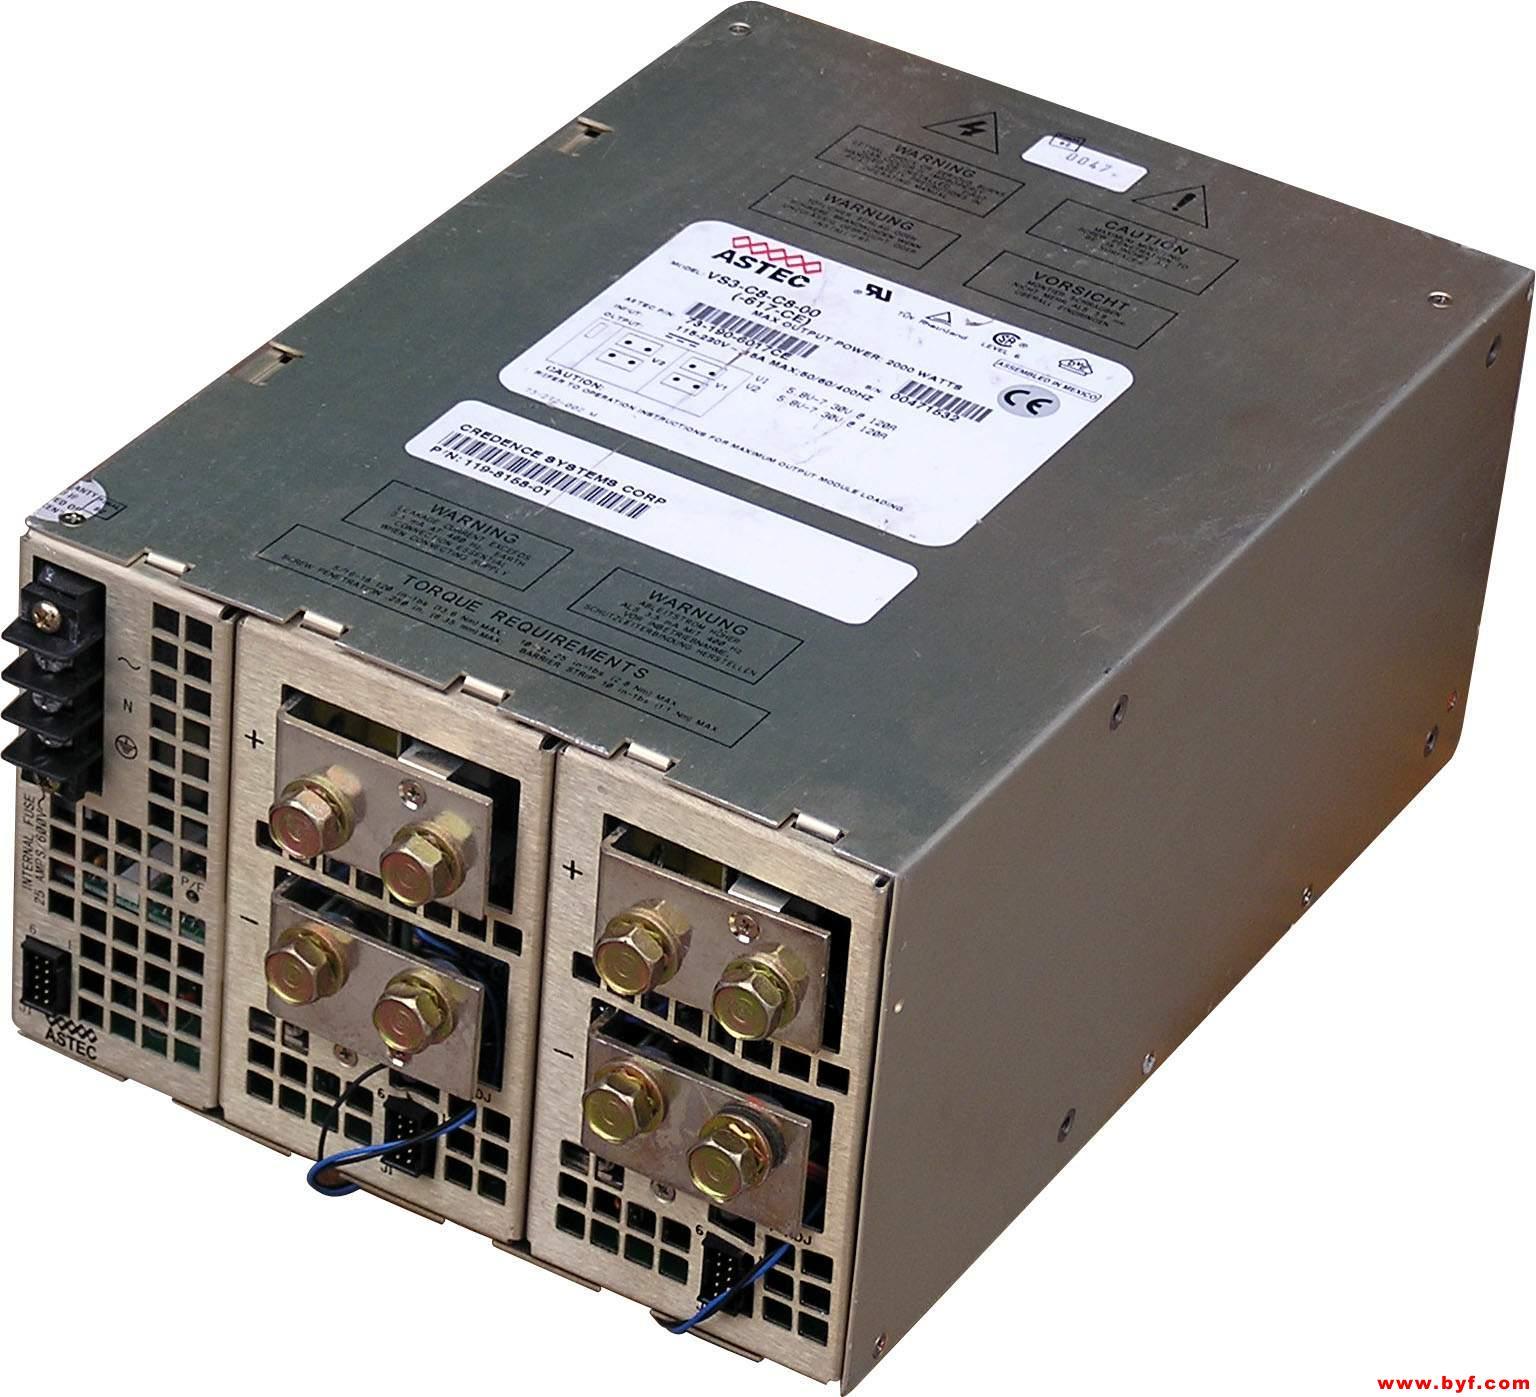 康宇达电源逆变器PI-800W采用国际流行的准正弦波逆变电路,具有转换效率高、全自动保护、工作安全可靠、体积小、重量轻、无噪音、无污染、免维护等优点。 逆变器安全特征: 过压保护:当输入电压超过15.6V时,输出会被切断,红灯亮,逆变器停止工作。 欠压保护:当输入电压低于10.